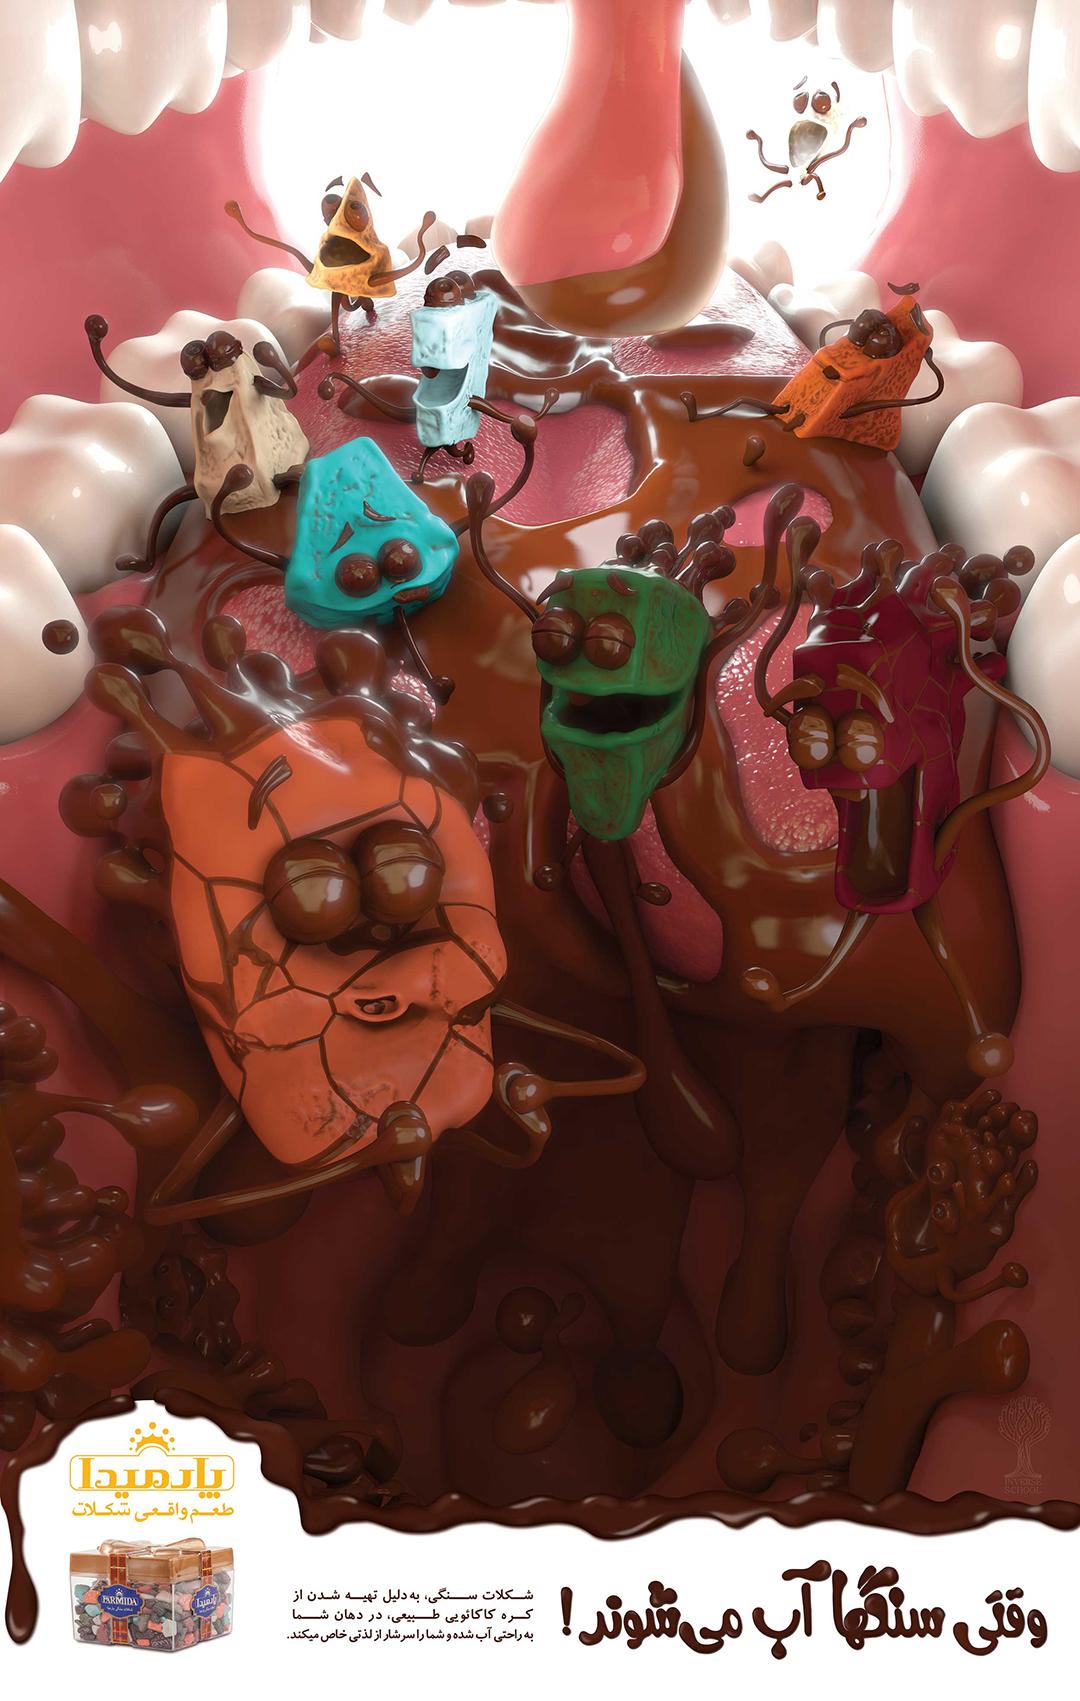 پروژه نهایی گروه Mosallas رشته G.I.D - شکلات سنگی پارمیدا